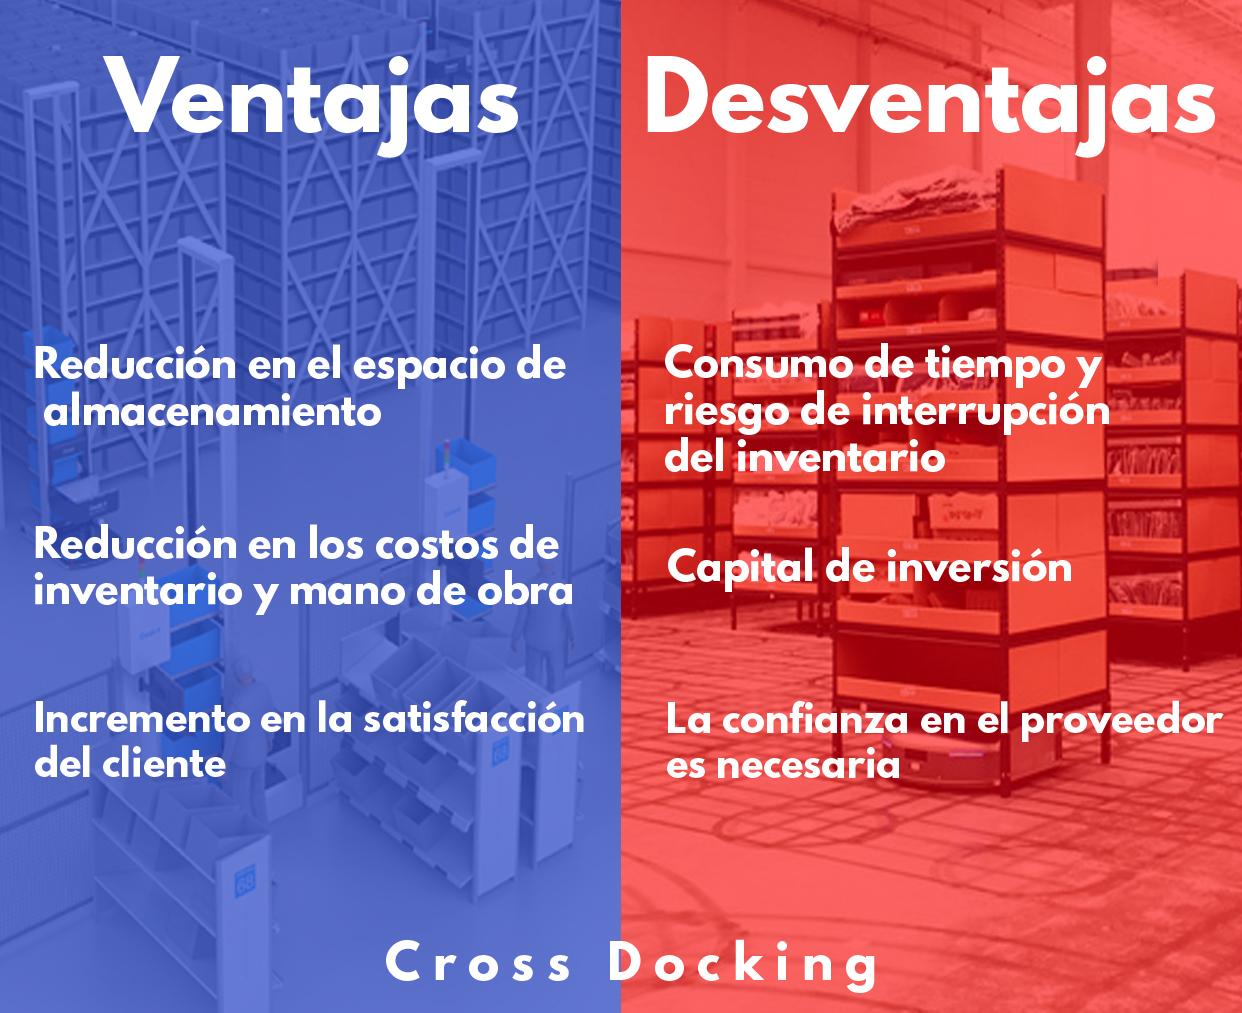 Desventajas y ventajas del cross docking